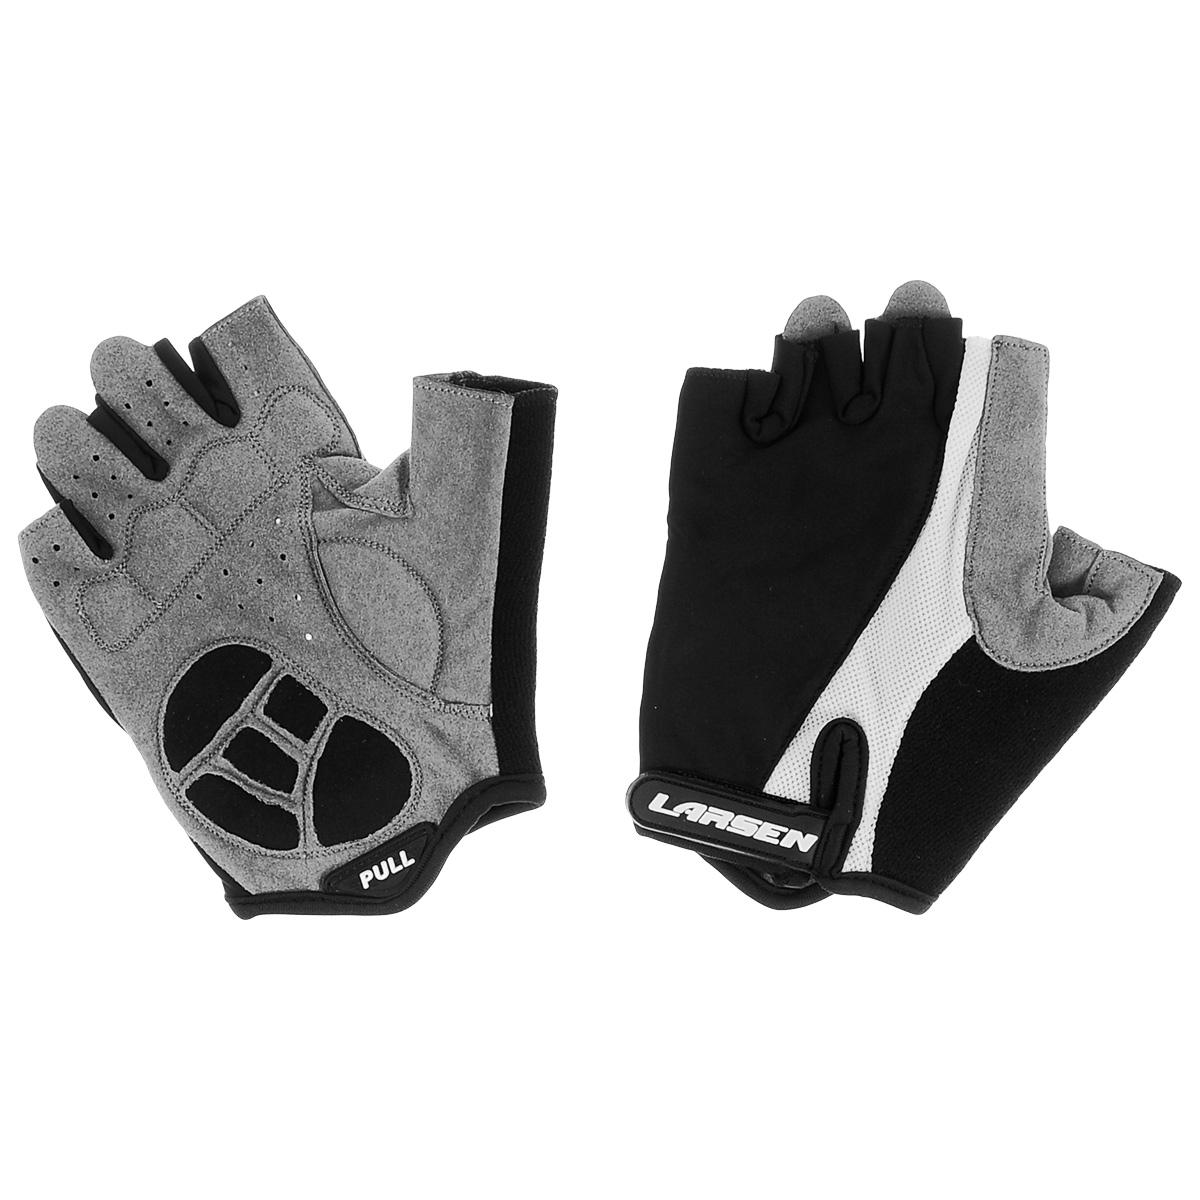 Велоперчатки Larsen, цвет: черный, серый, белый. Размер M. 01-1226Z90 blackВелоперчатки Larsen выполнены из высококачественного нейлона и амары. На ладонях расположены мягкие вставки для повышенного сцепления и системой Pull Off на пальцах. Застежка Velcro надежно фиксирует перчатки на руке. Сетка способствует хорошей вентиляции.